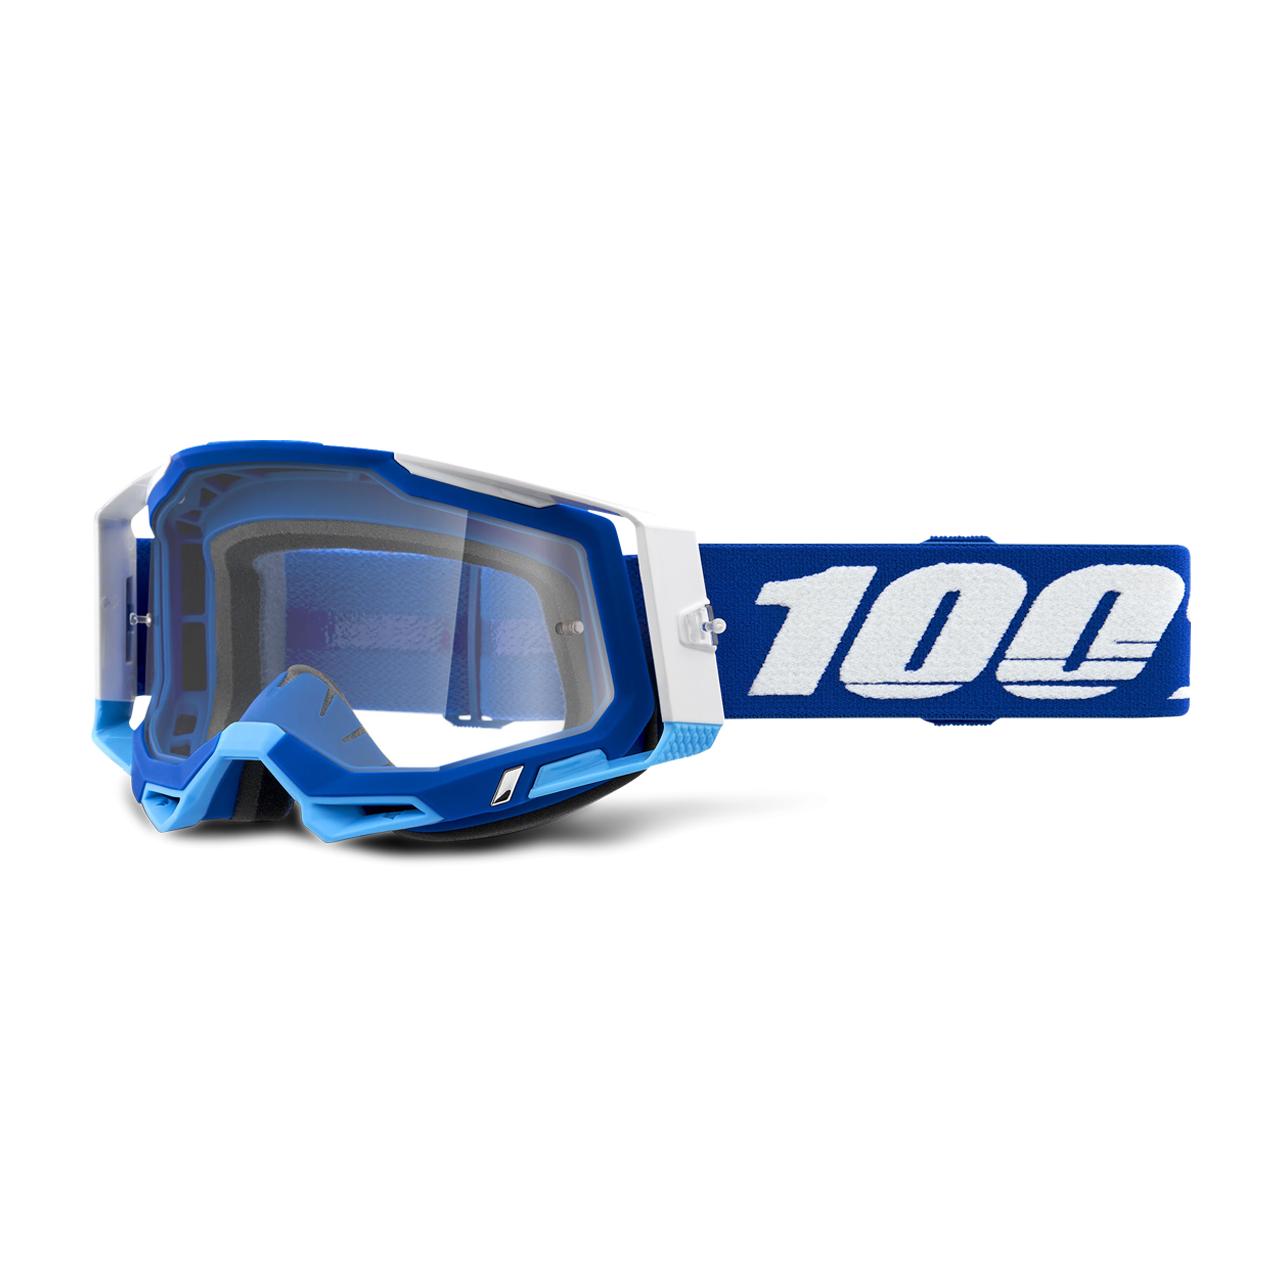 100% Maschera Cross  Racecraft 2 Blu